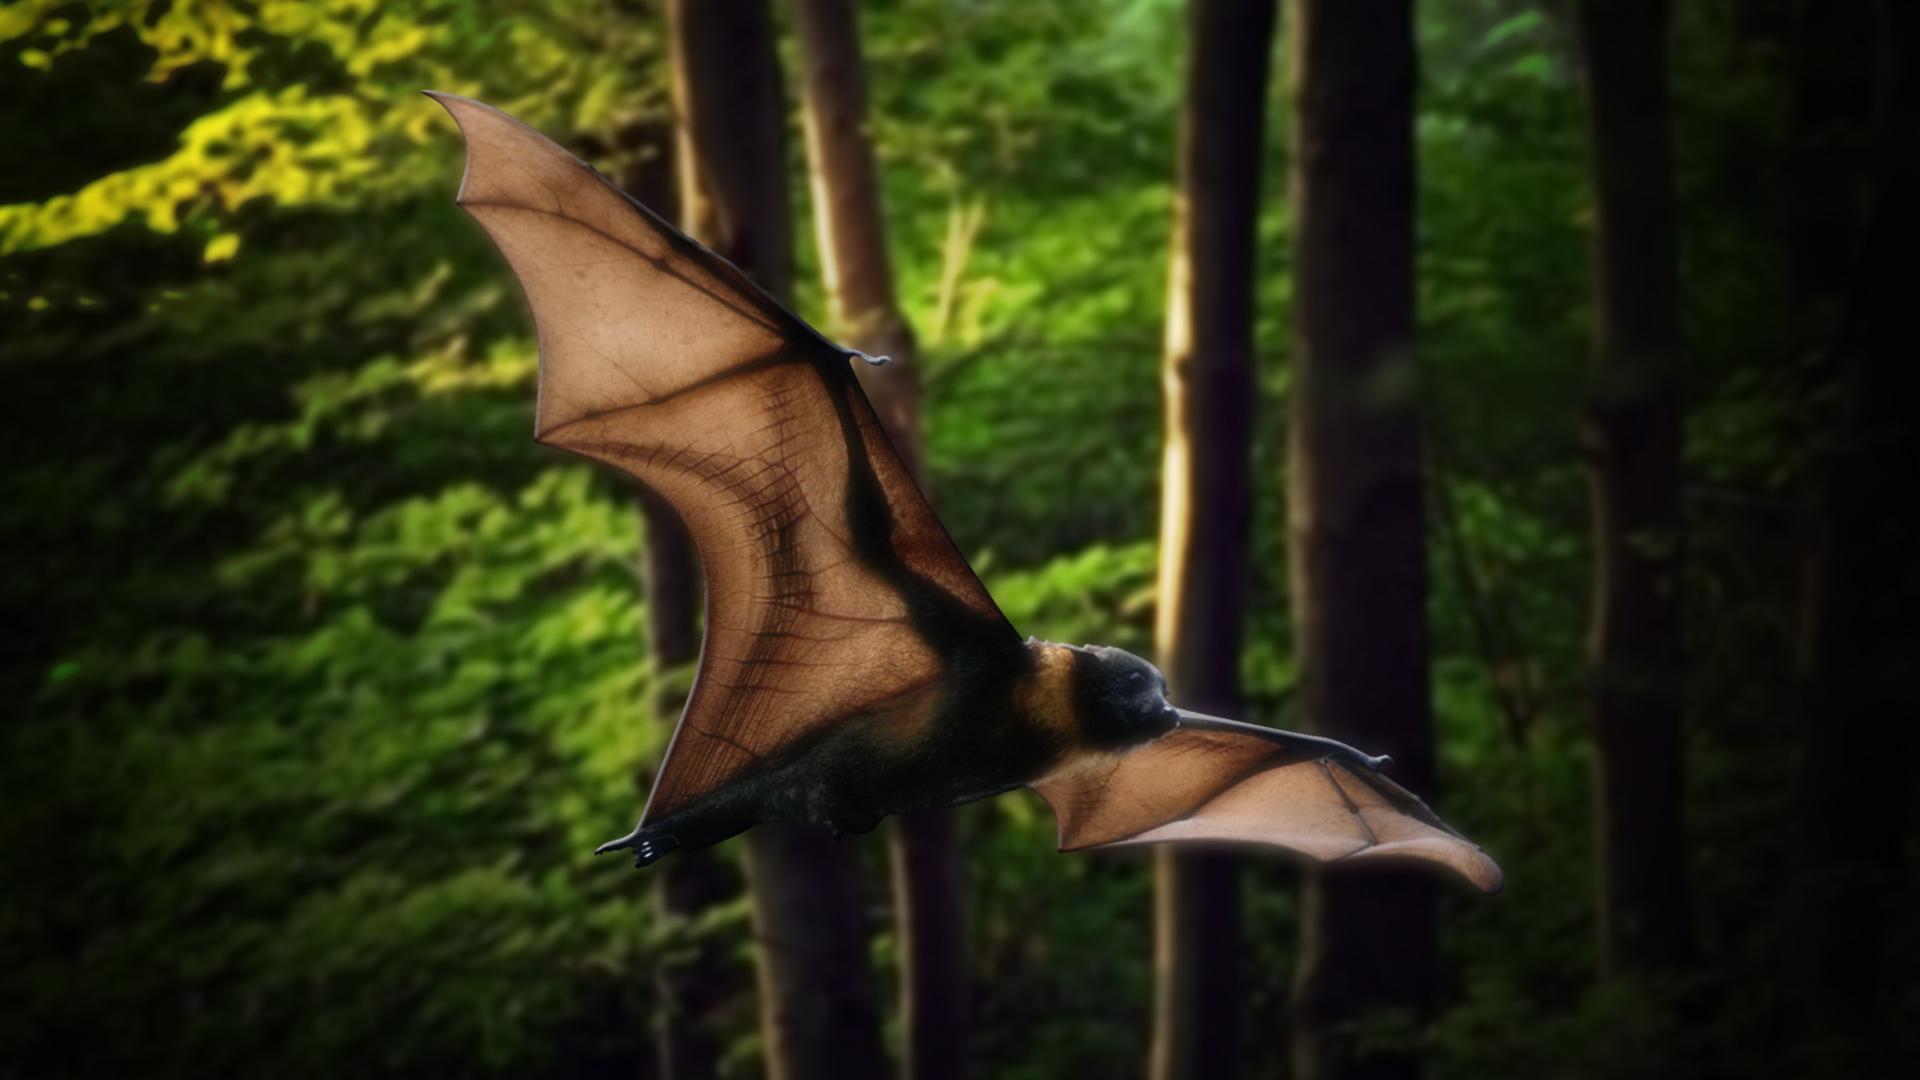 Bat_34089